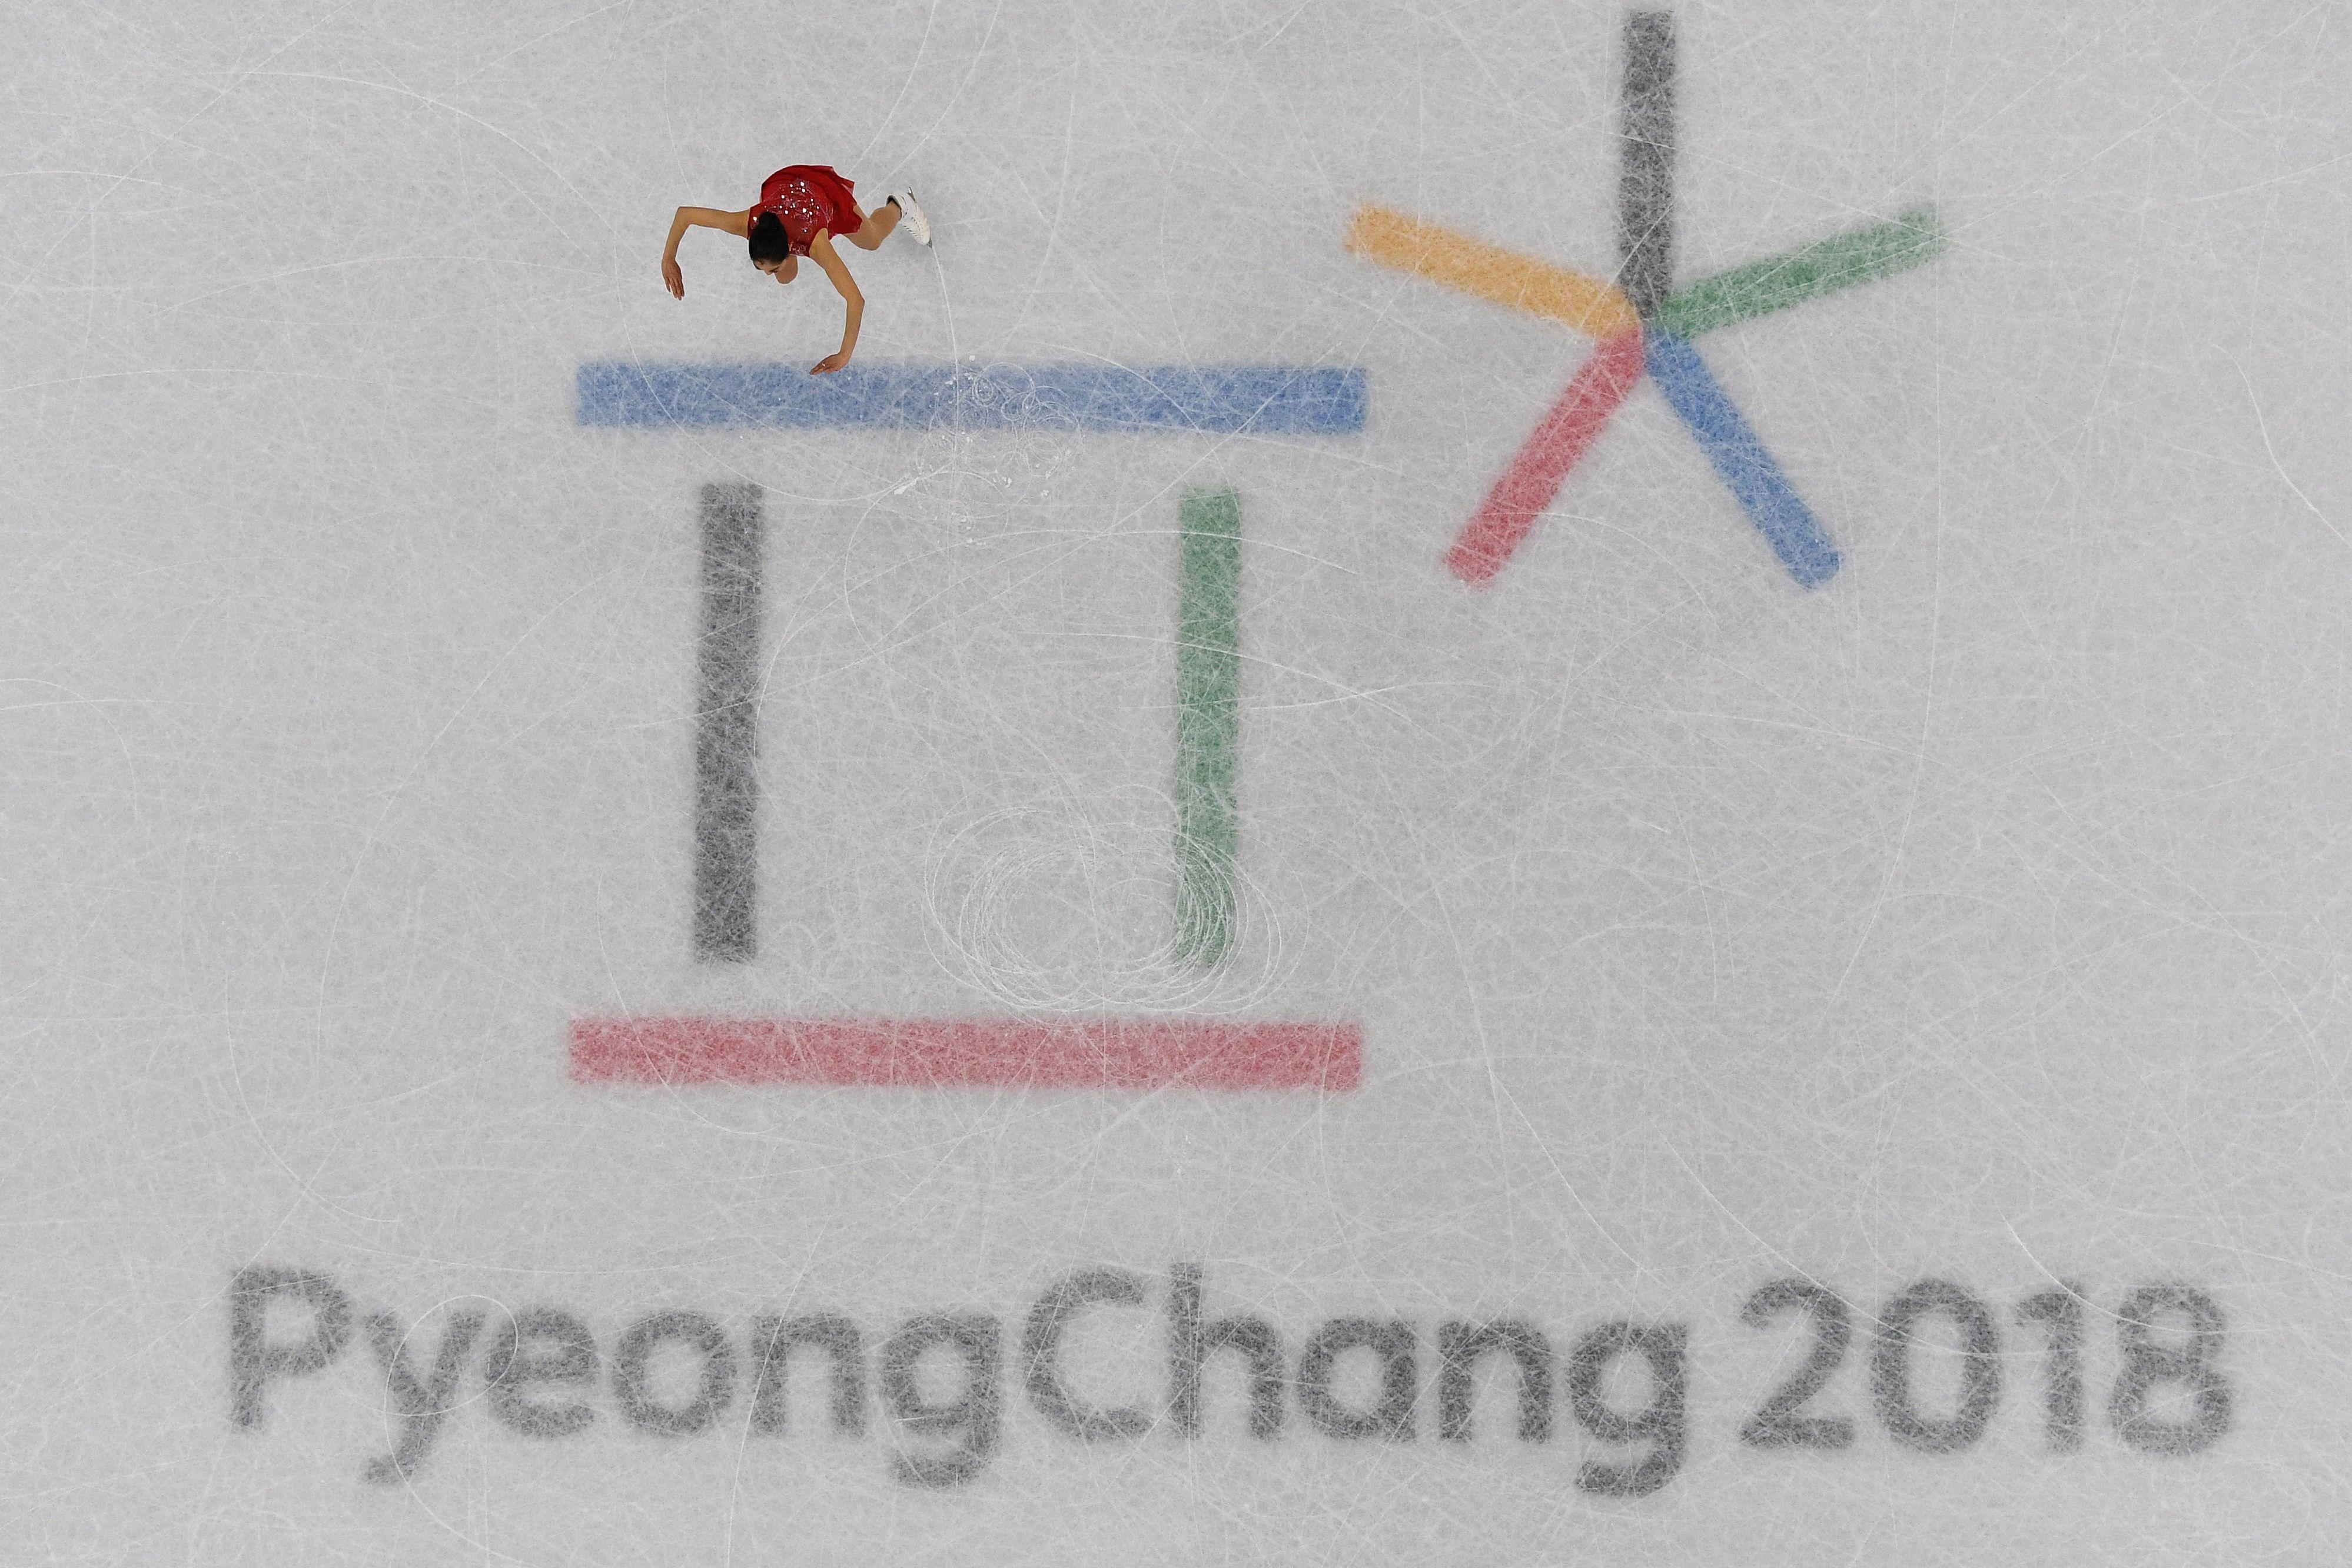 FSKATING-OLY-2018-PYEONGCHANG